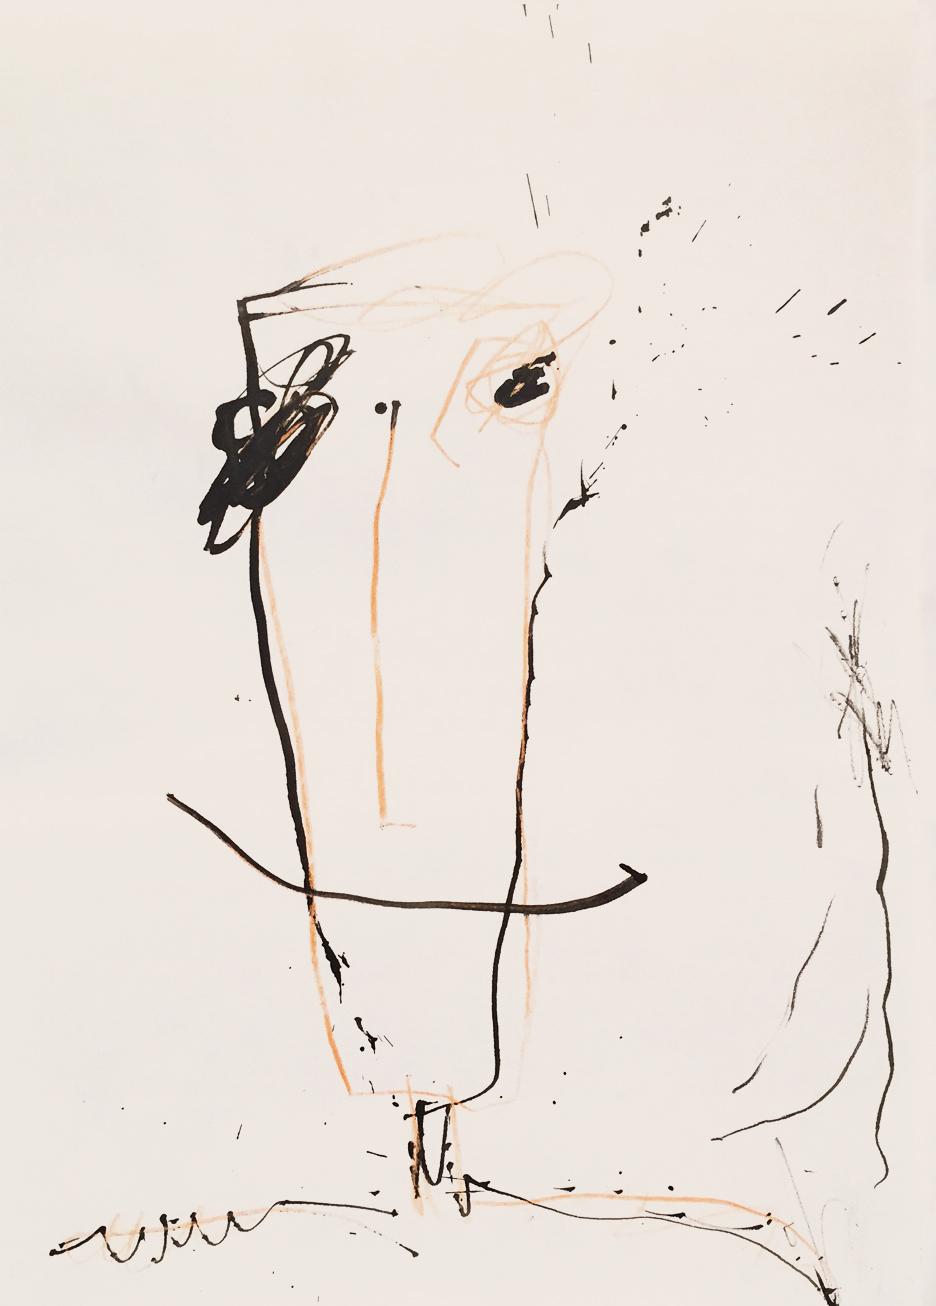 MARC FELD 2013 VISAGE 3 Encre et crayon de couleur sur papier 21x29,7 cm